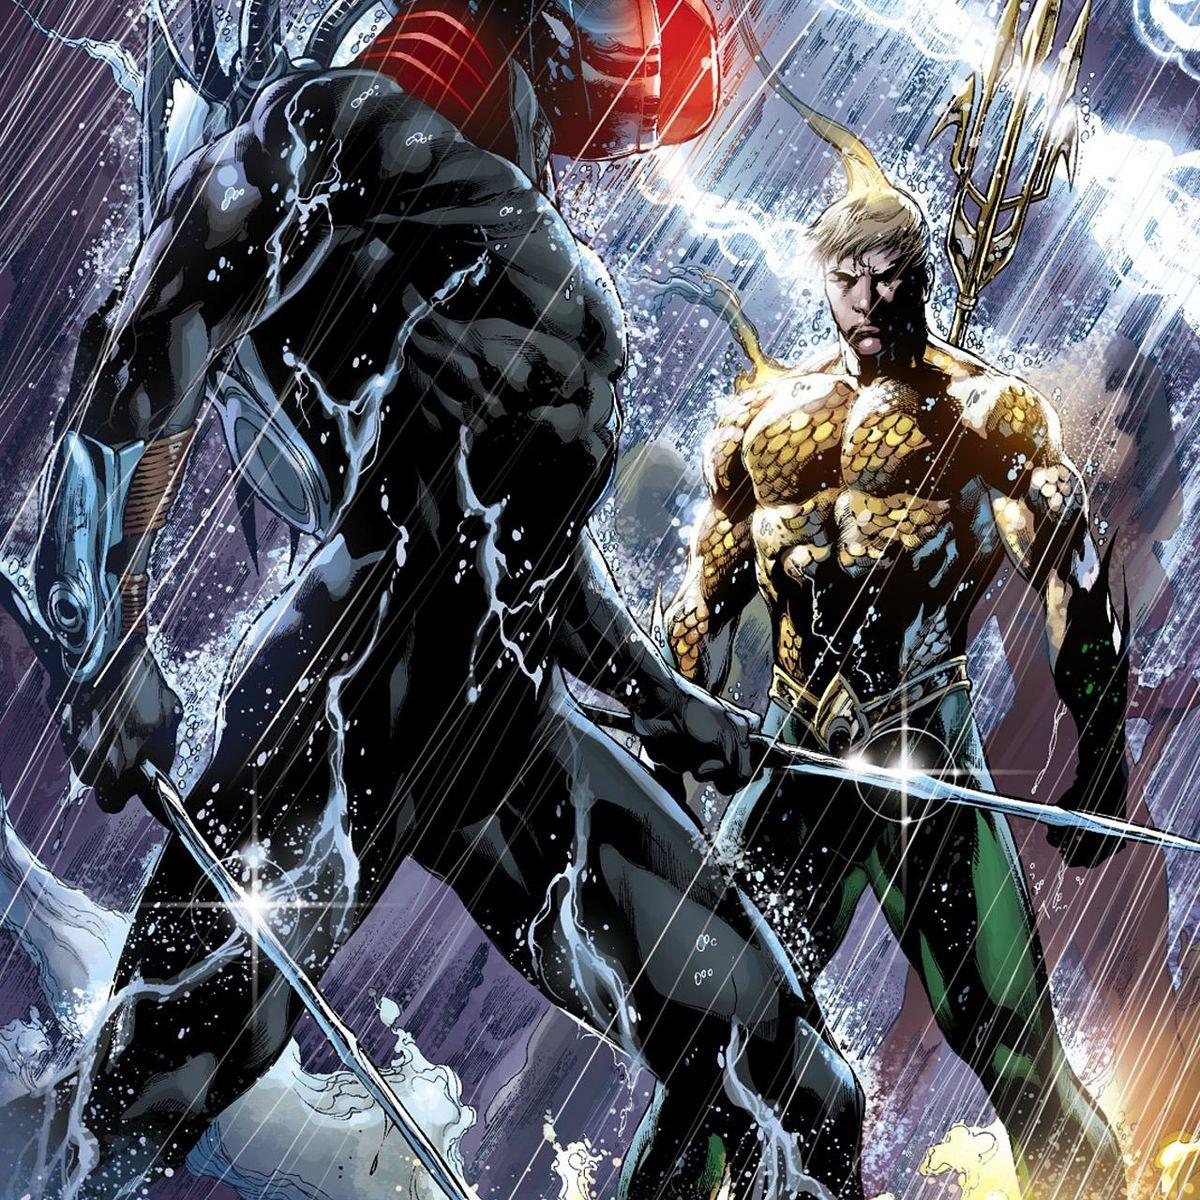 Black-Manta-Aquaman-DC.jpg